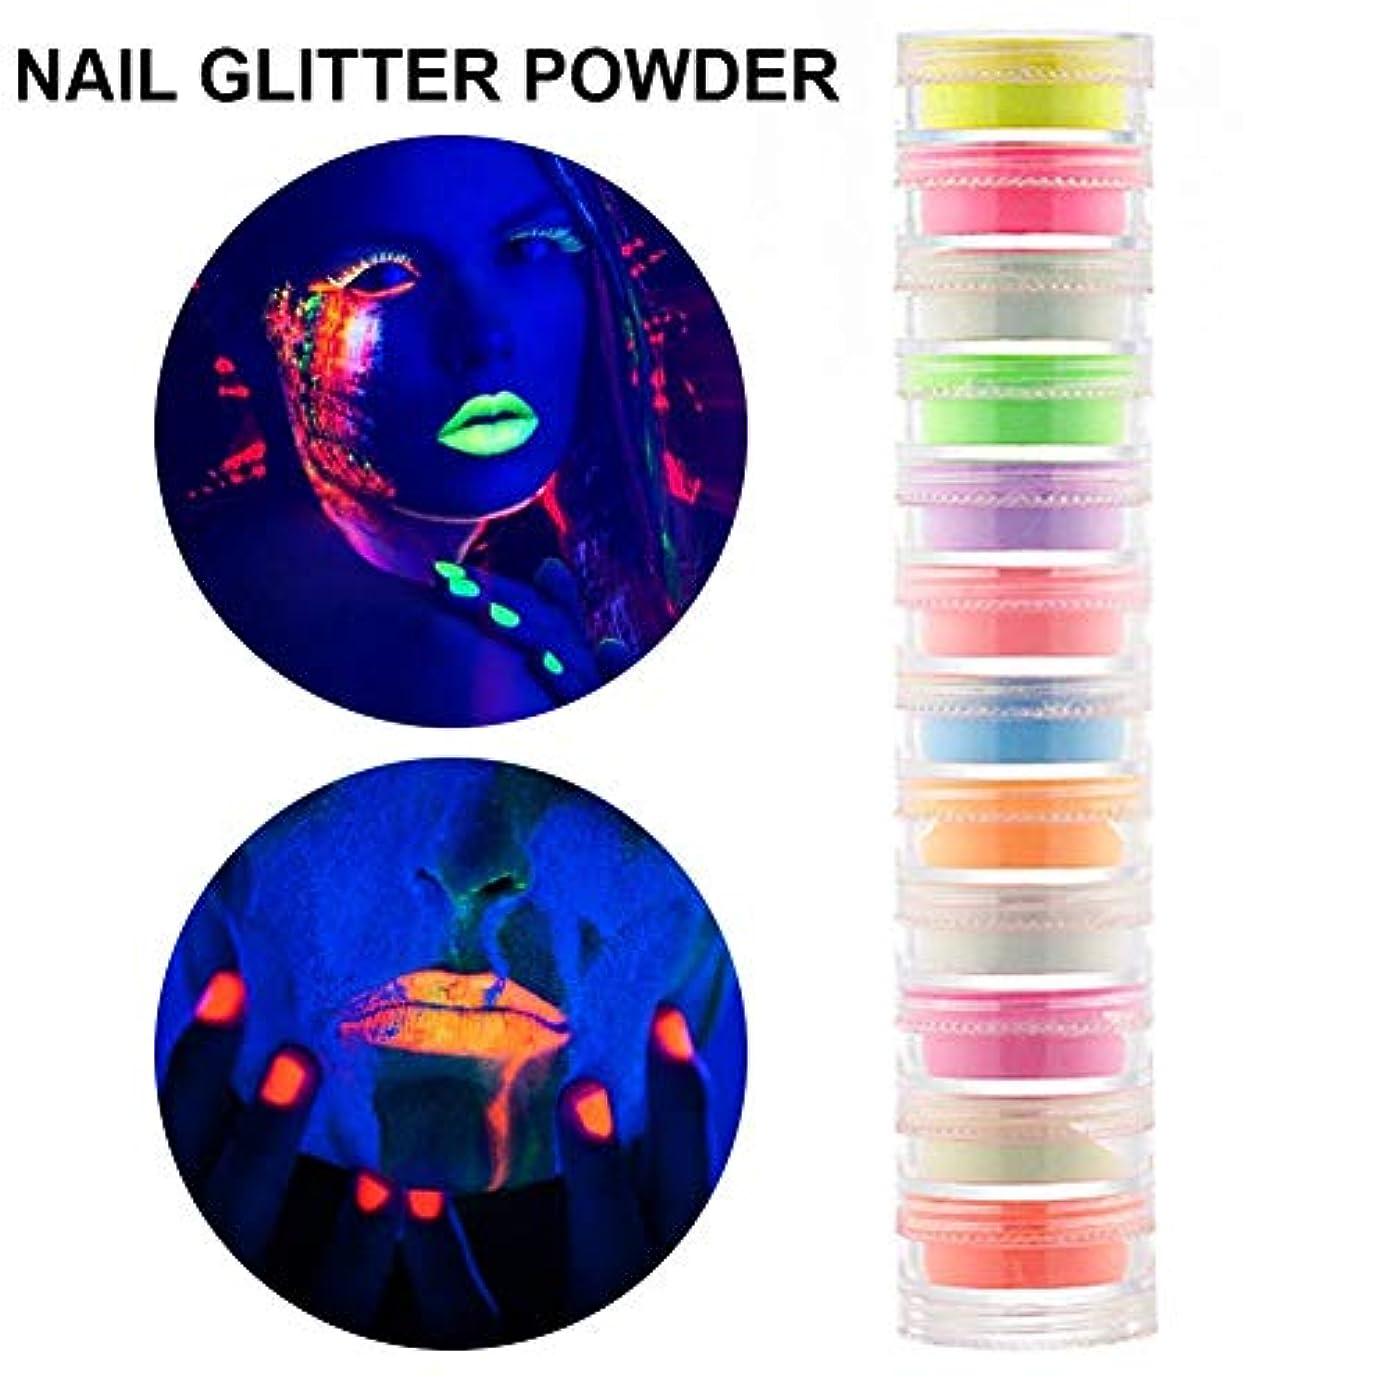 関係ないマナー美容師ネイル蛍光パウダー グリッター ラメ 12本セット ネイルアート 大人気 夜光パウダー ネイルグリッターパウダー 環境にやさしい ハロウィン用